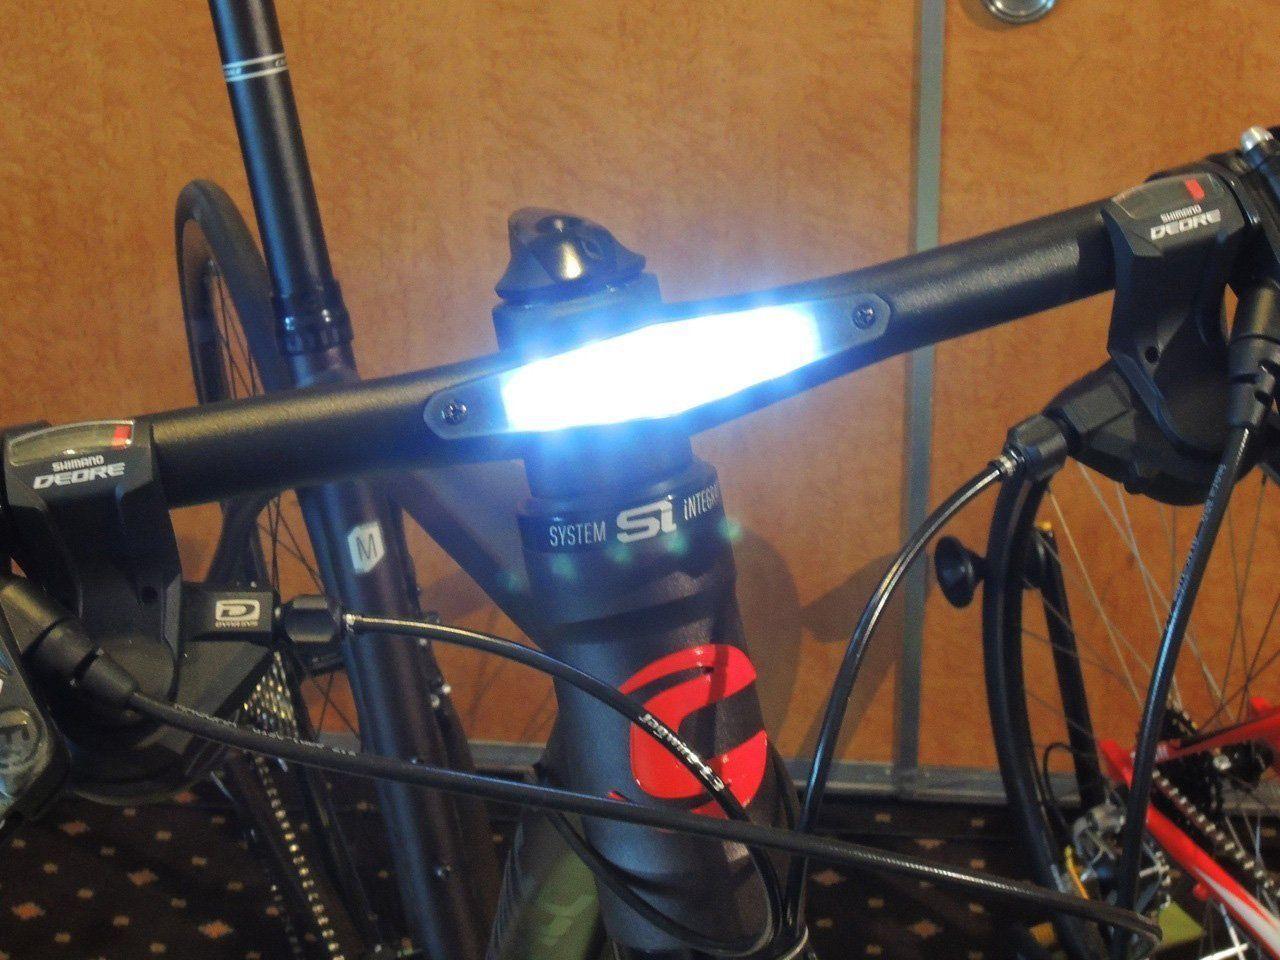 Pin By Marwil On Bikes Mtb Co Bike Lights Bike Gadgets Bike Design